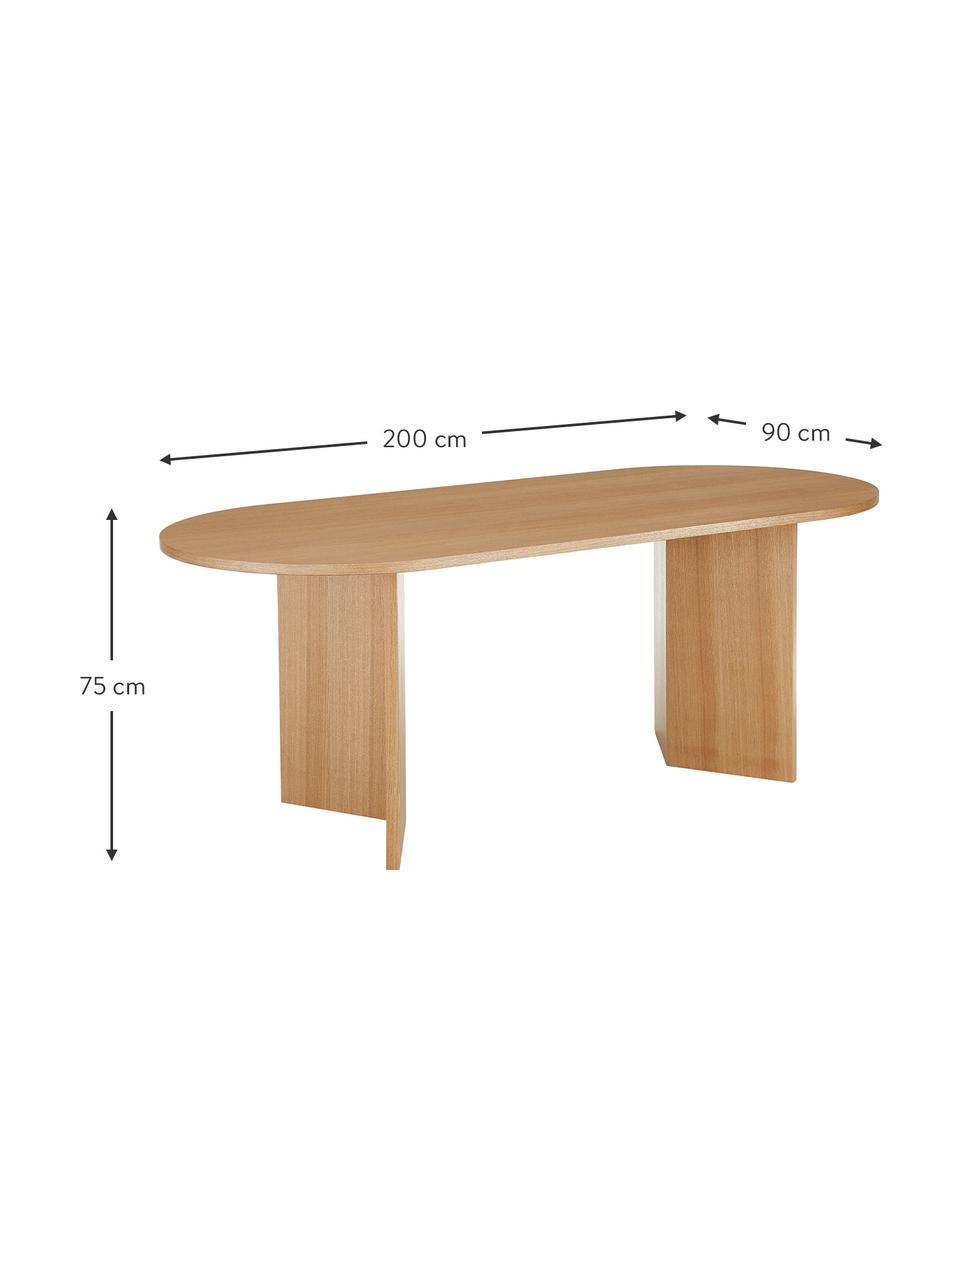 Tavolo ovale in legno con impiallacciatura di frassino Toni, Pannello di fibra a media densità (MDF) con finitura in frassino, verniciato, Finitura in frassino, Larg. 200 x Prof. 90 cm